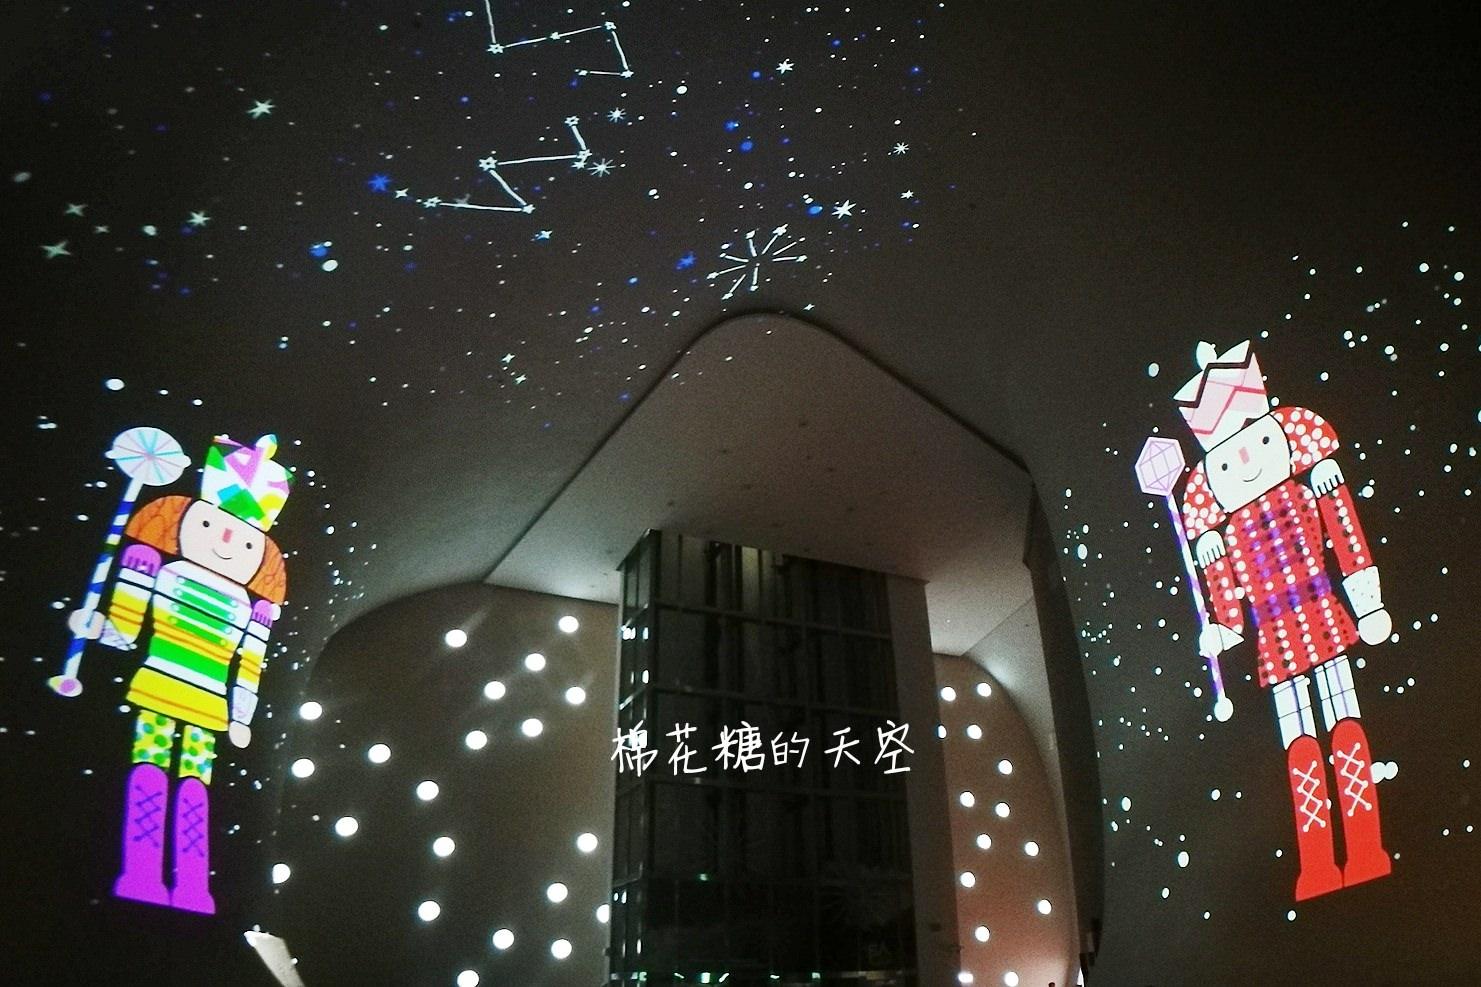 台中國家歌劇院也開始過聖誕啦!夢幻光影秀今年中西合併超有氣氛!